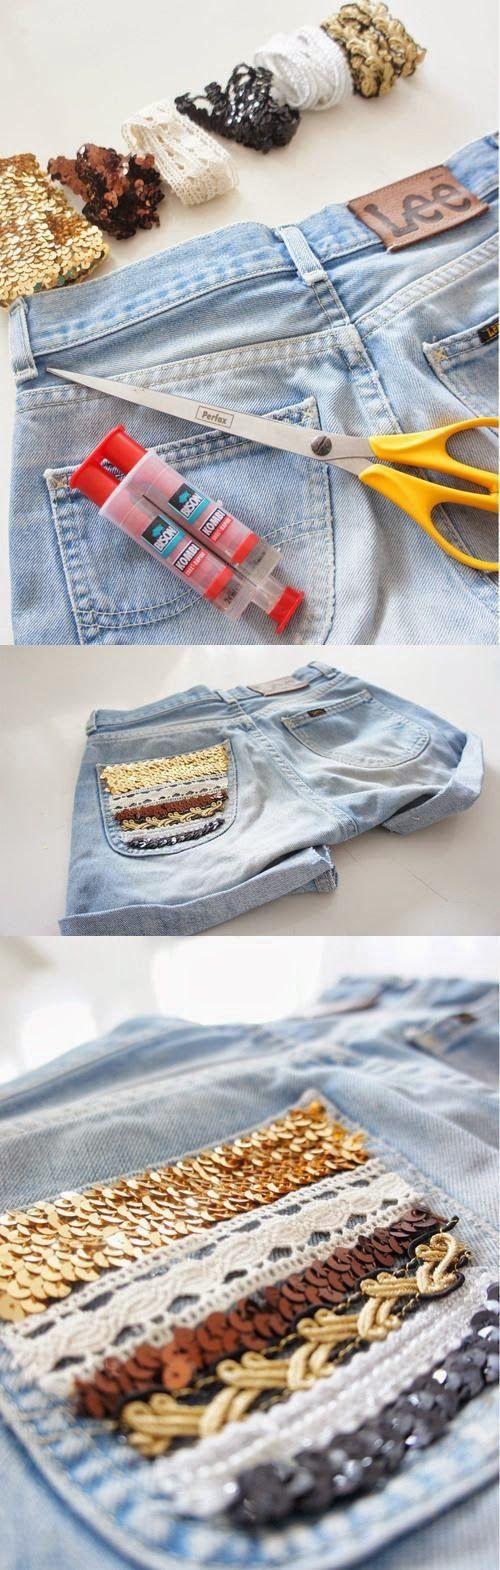 Βαρεθήκατε τα παλιά σας ρούχα ή δεν σας αρέσουν πια; Δώστε τους μια ακόμα ευκαιρία και μεταποιήστε τα..